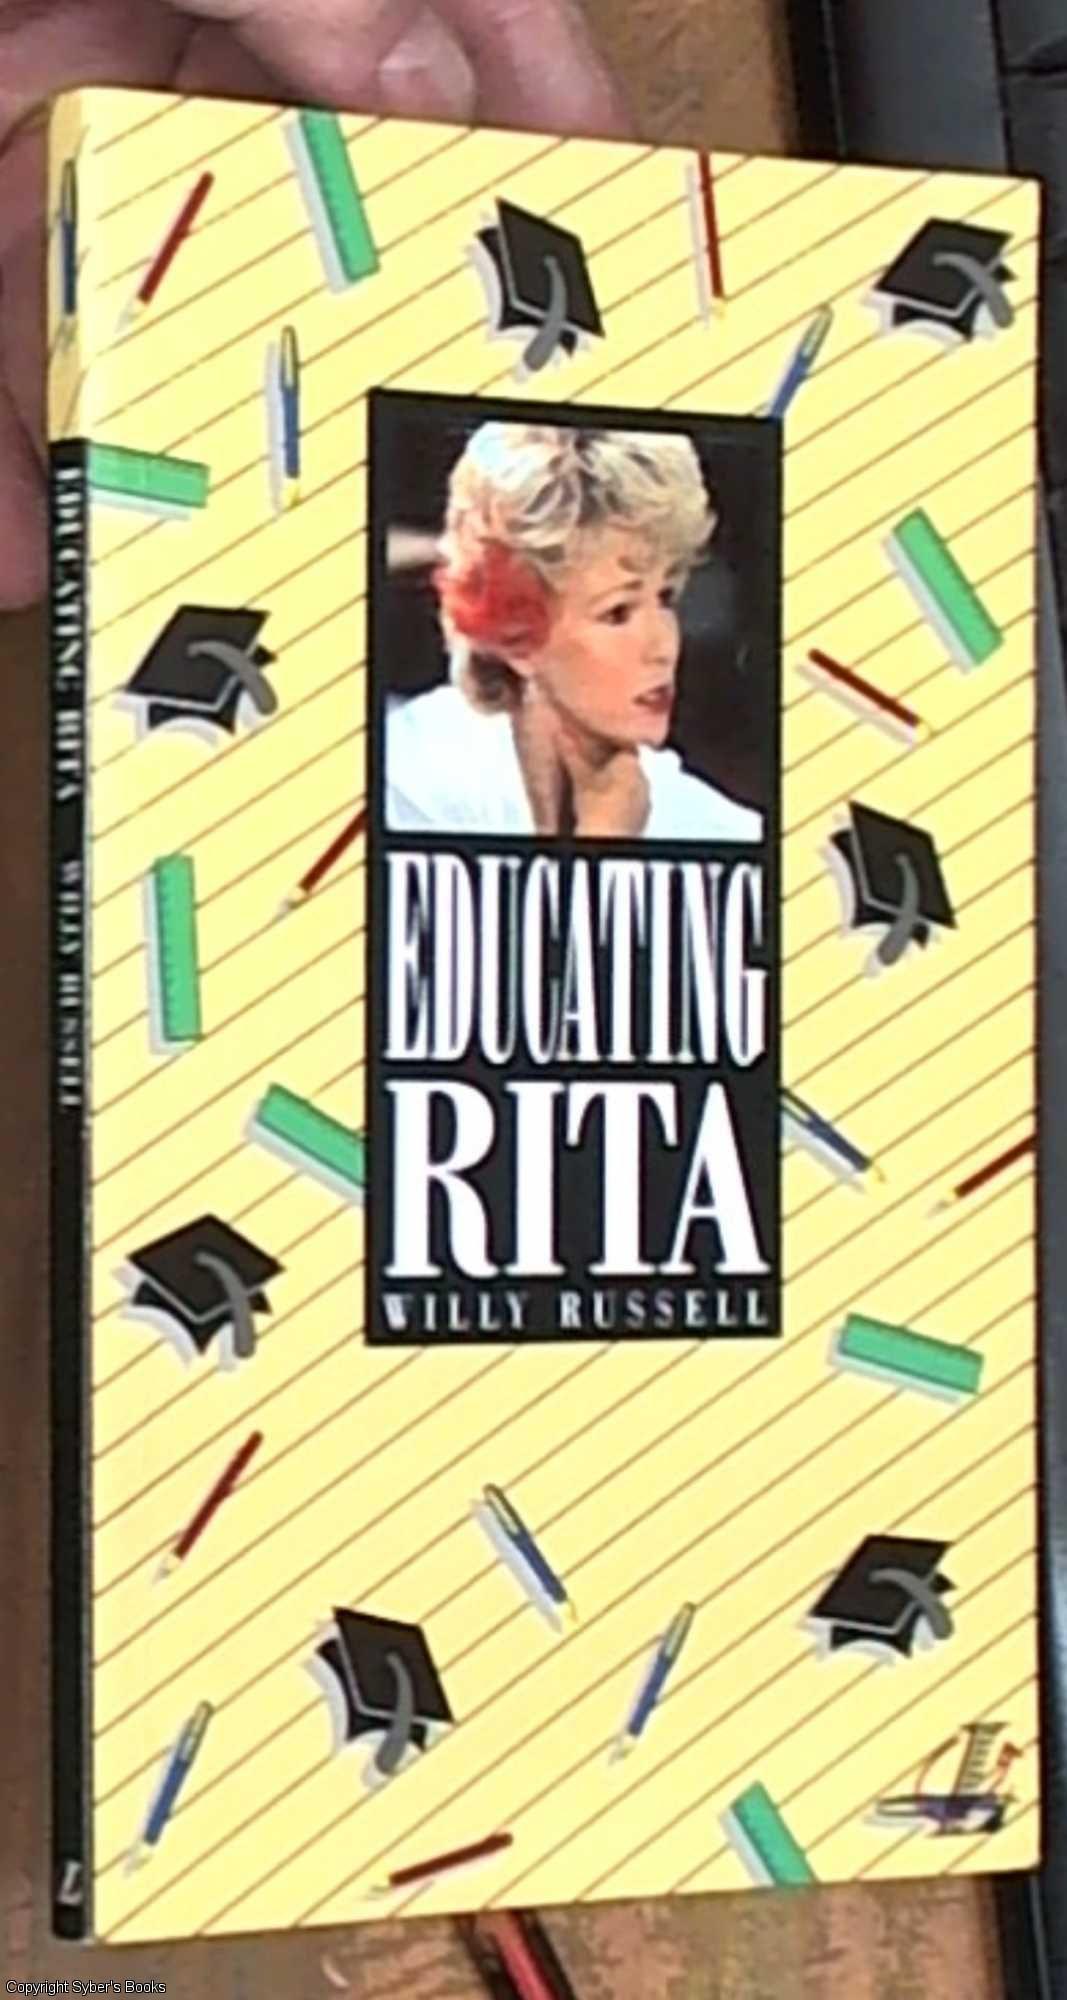 educating rita play script